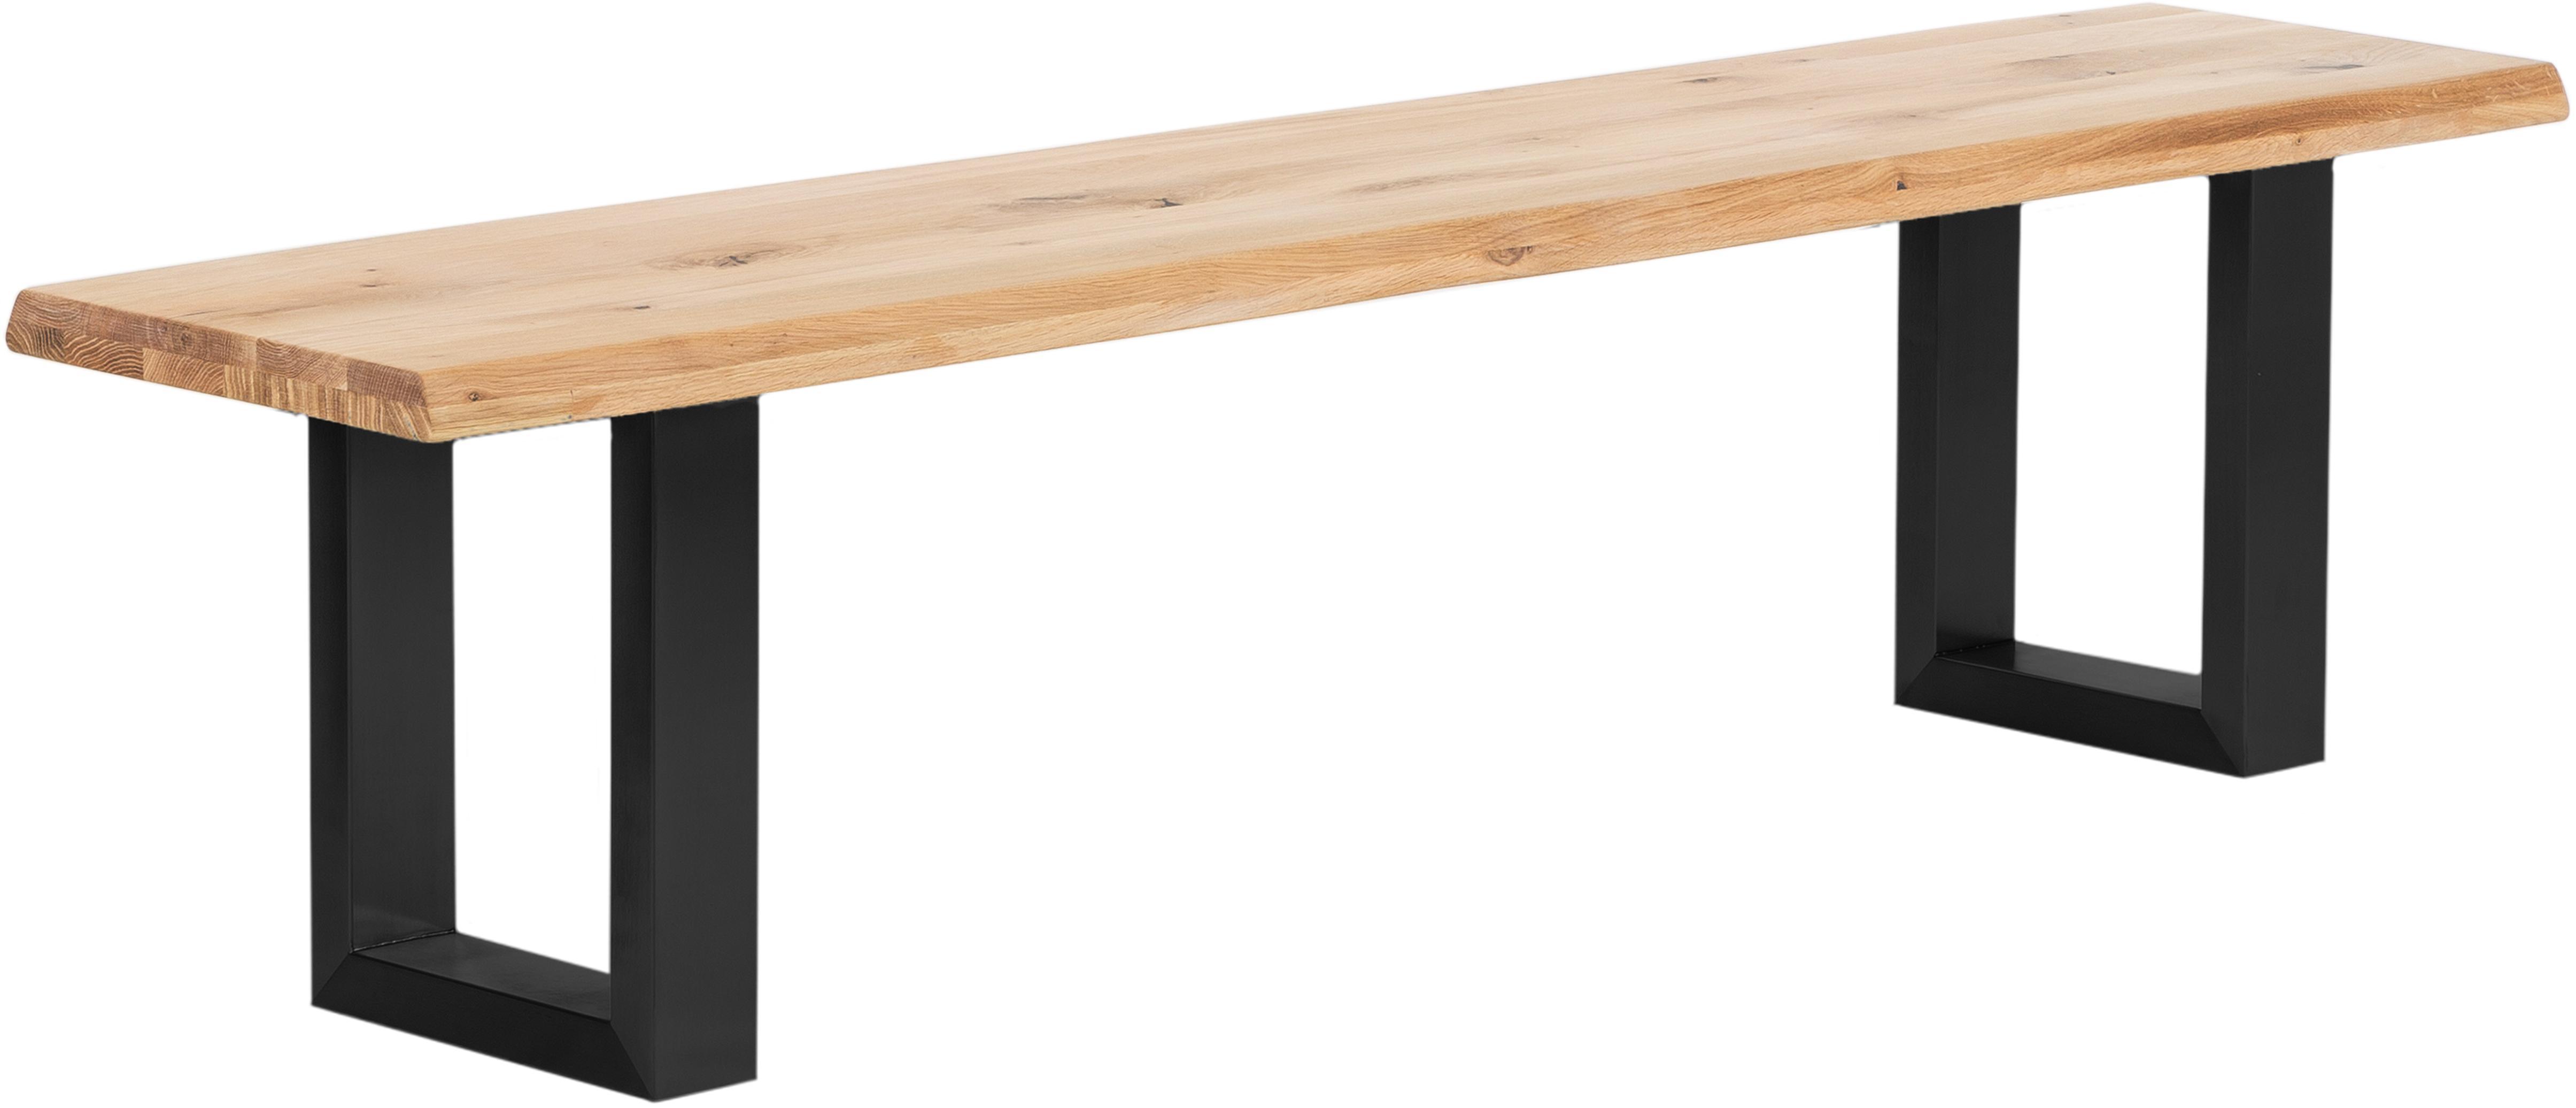 Sitzbank Oliver aus Eichenholz, Sitzfläche: Europäische Wildeiche, ma, Beine: Matt lackierter Stahl, Sitzfläche: Wildeiche, Beine: Schwarz, matt, 180 x 45 cm